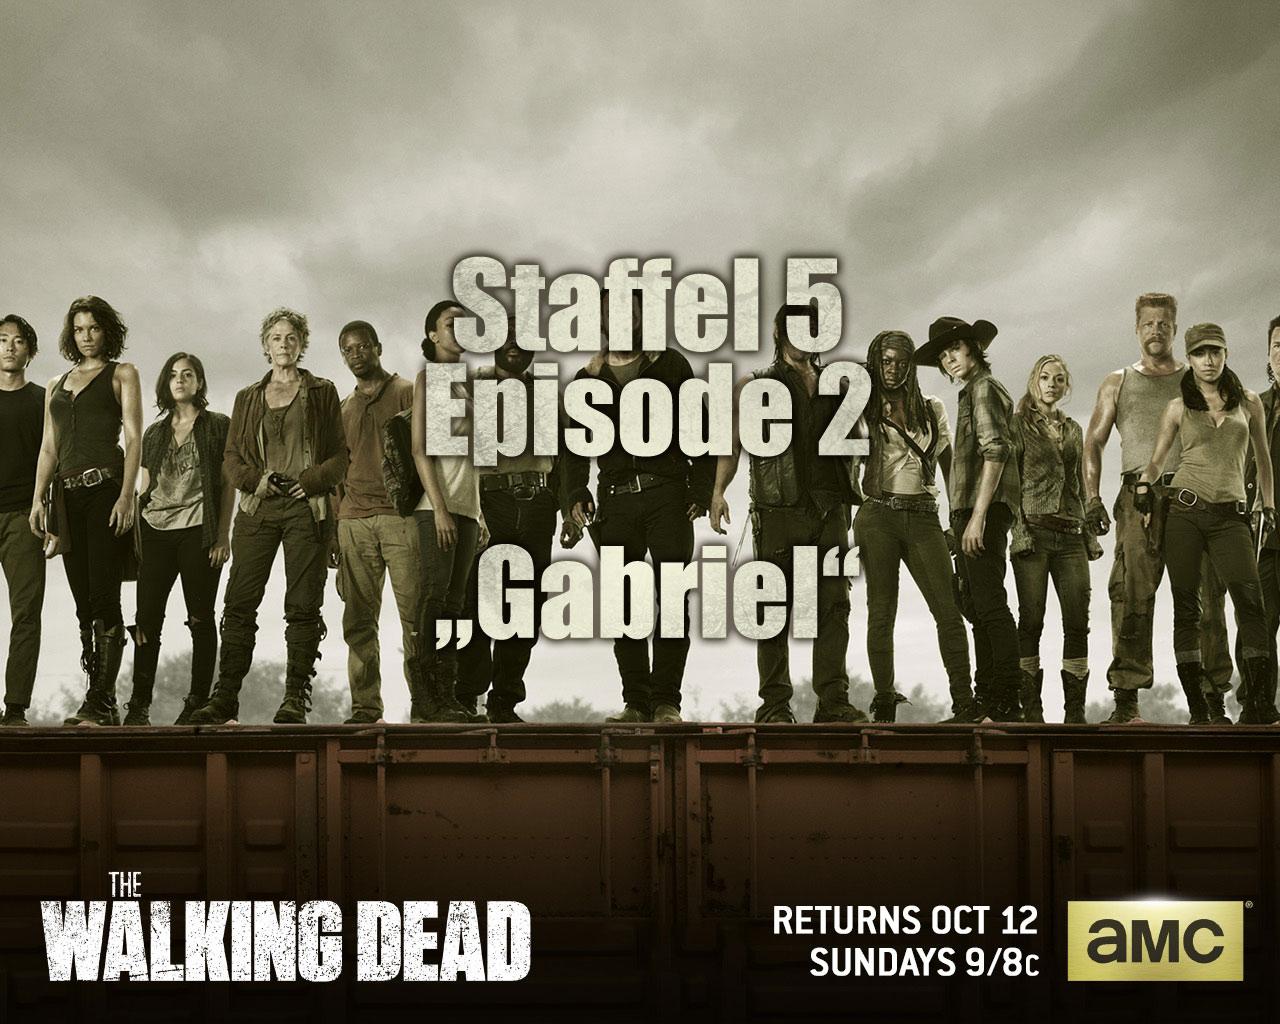 The Walking Dead S05E02 – Gabriel